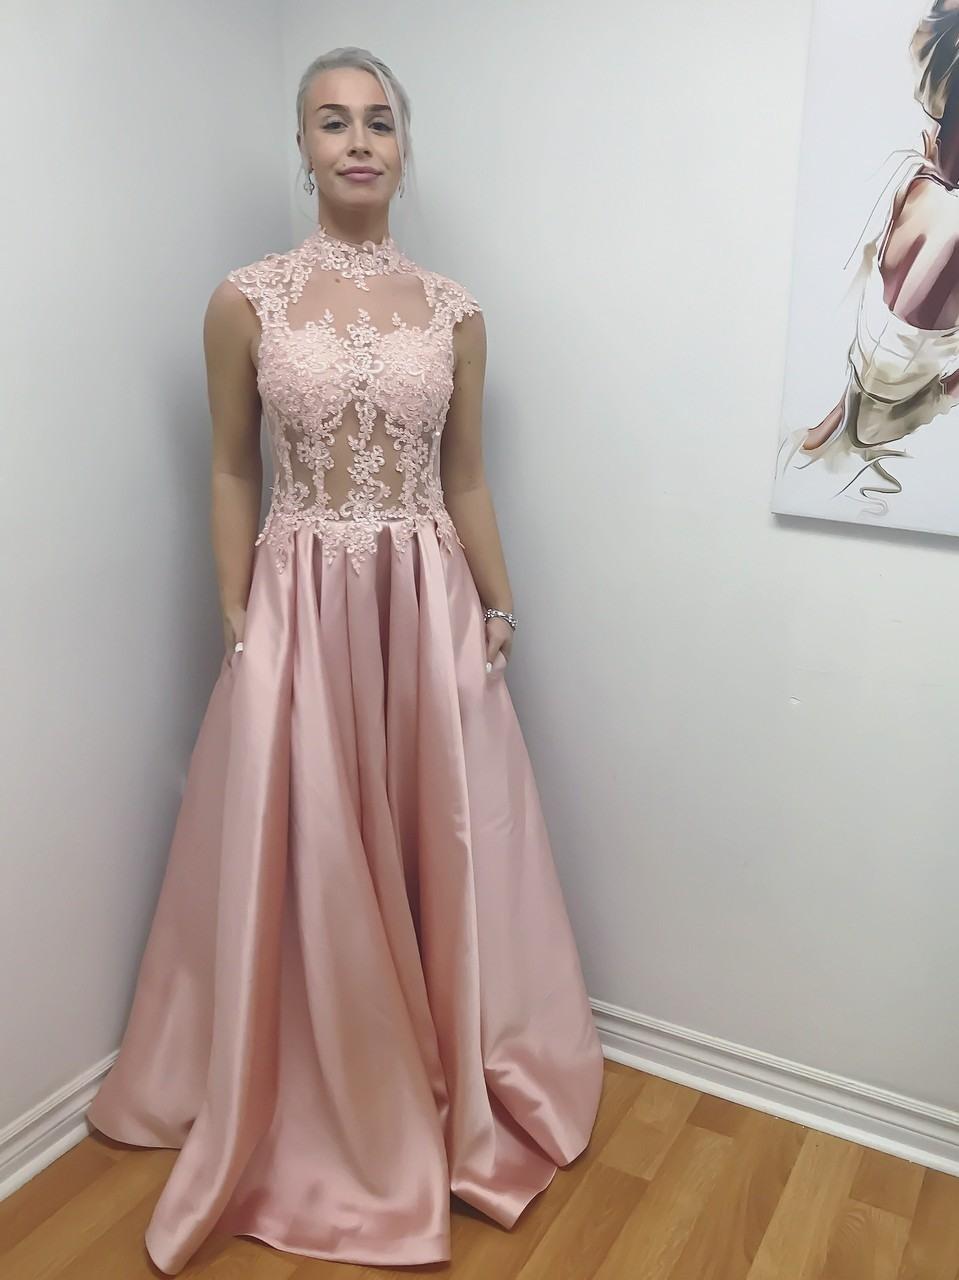 15 Perfekt Elegante Abendkleider Günstig Spezialgebiet10 Cool Elegante Abendkleider Günstig Galerie